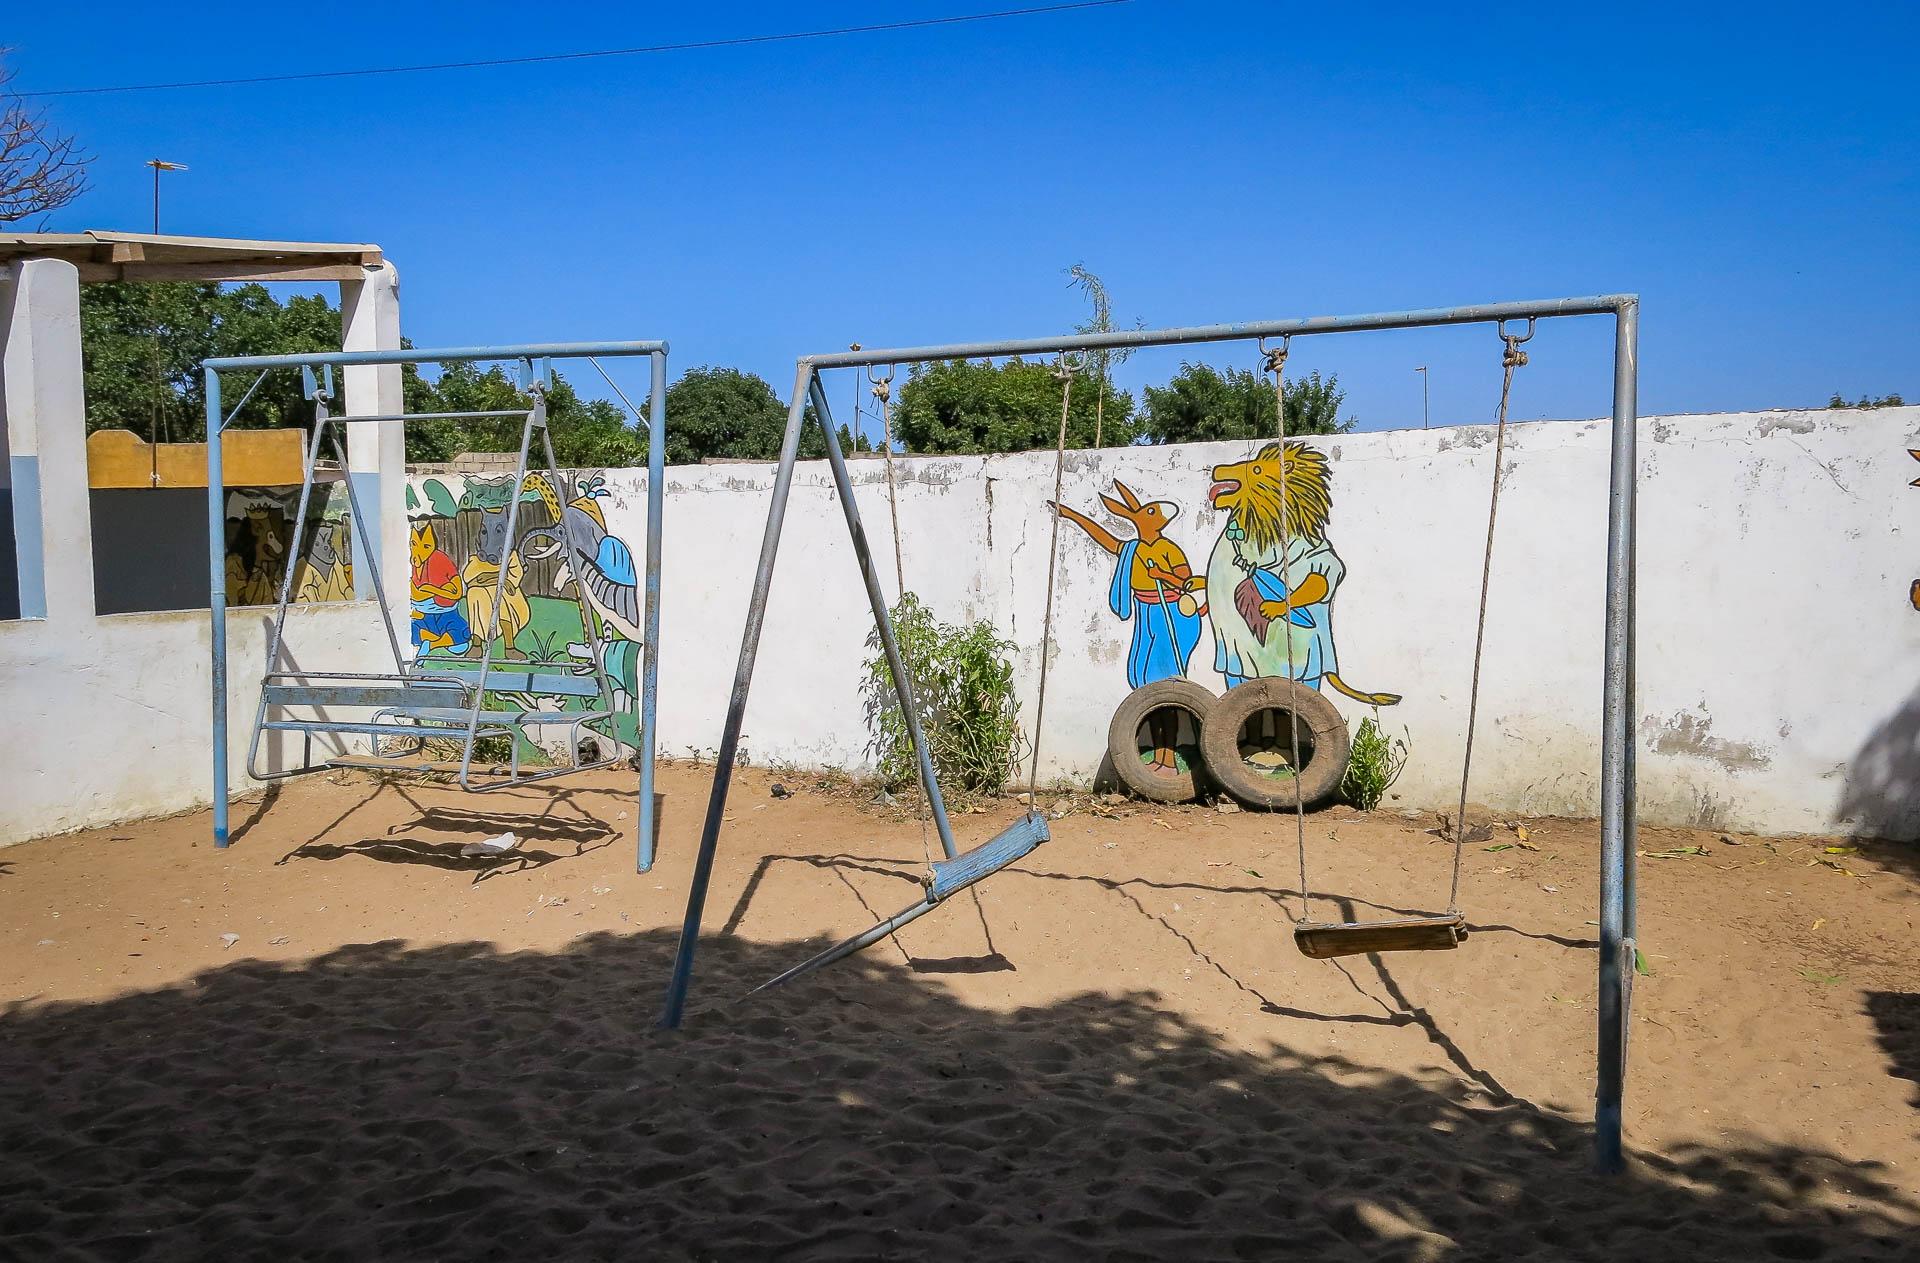 Spielplatz im Hof des Kindergartens